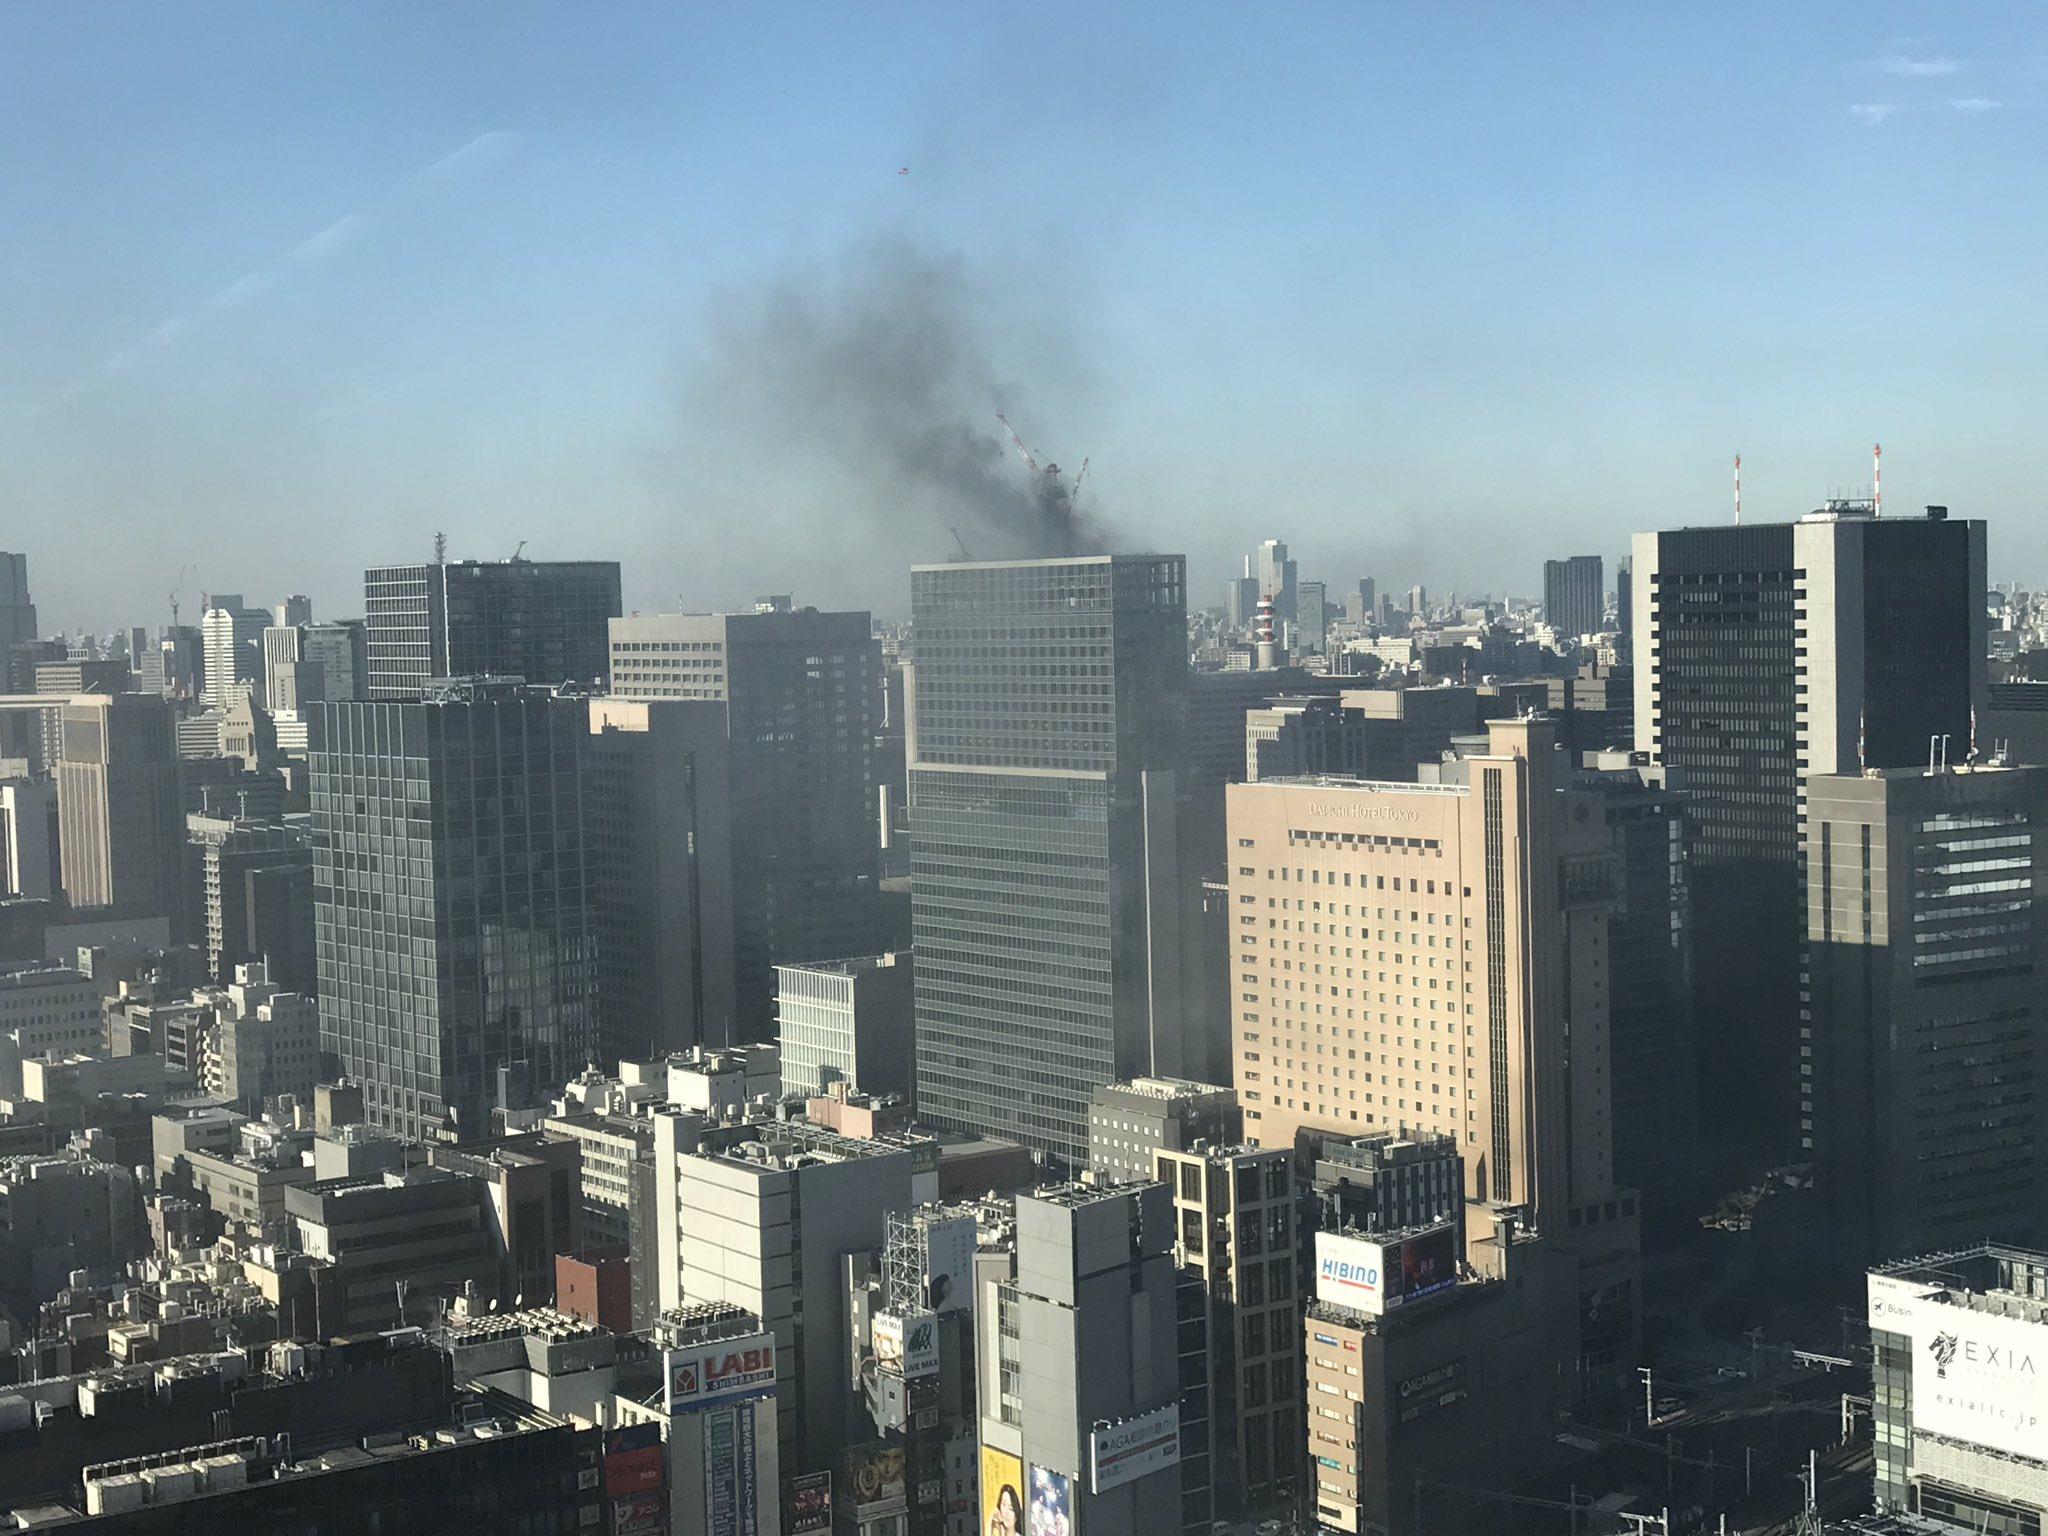 画像,速報!隣のビルで火事です🔥911みたくならなければいいが💦 https://t.co/FbNHmkrXck。